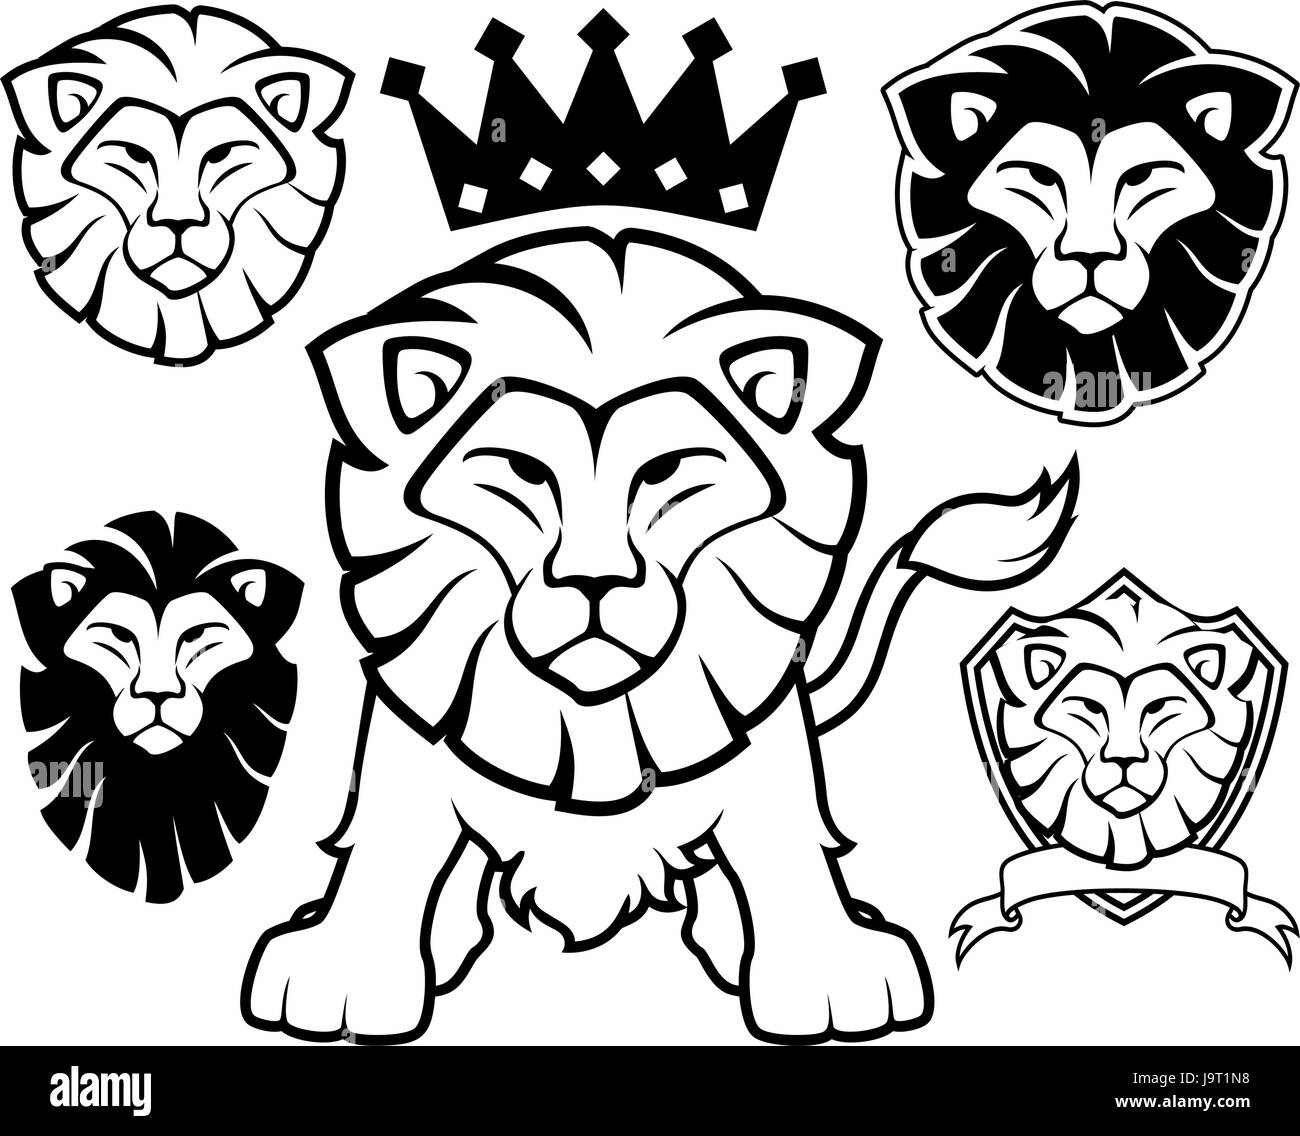 Tête De Lion Dessins Isolé Sur Fond Blanc En Format